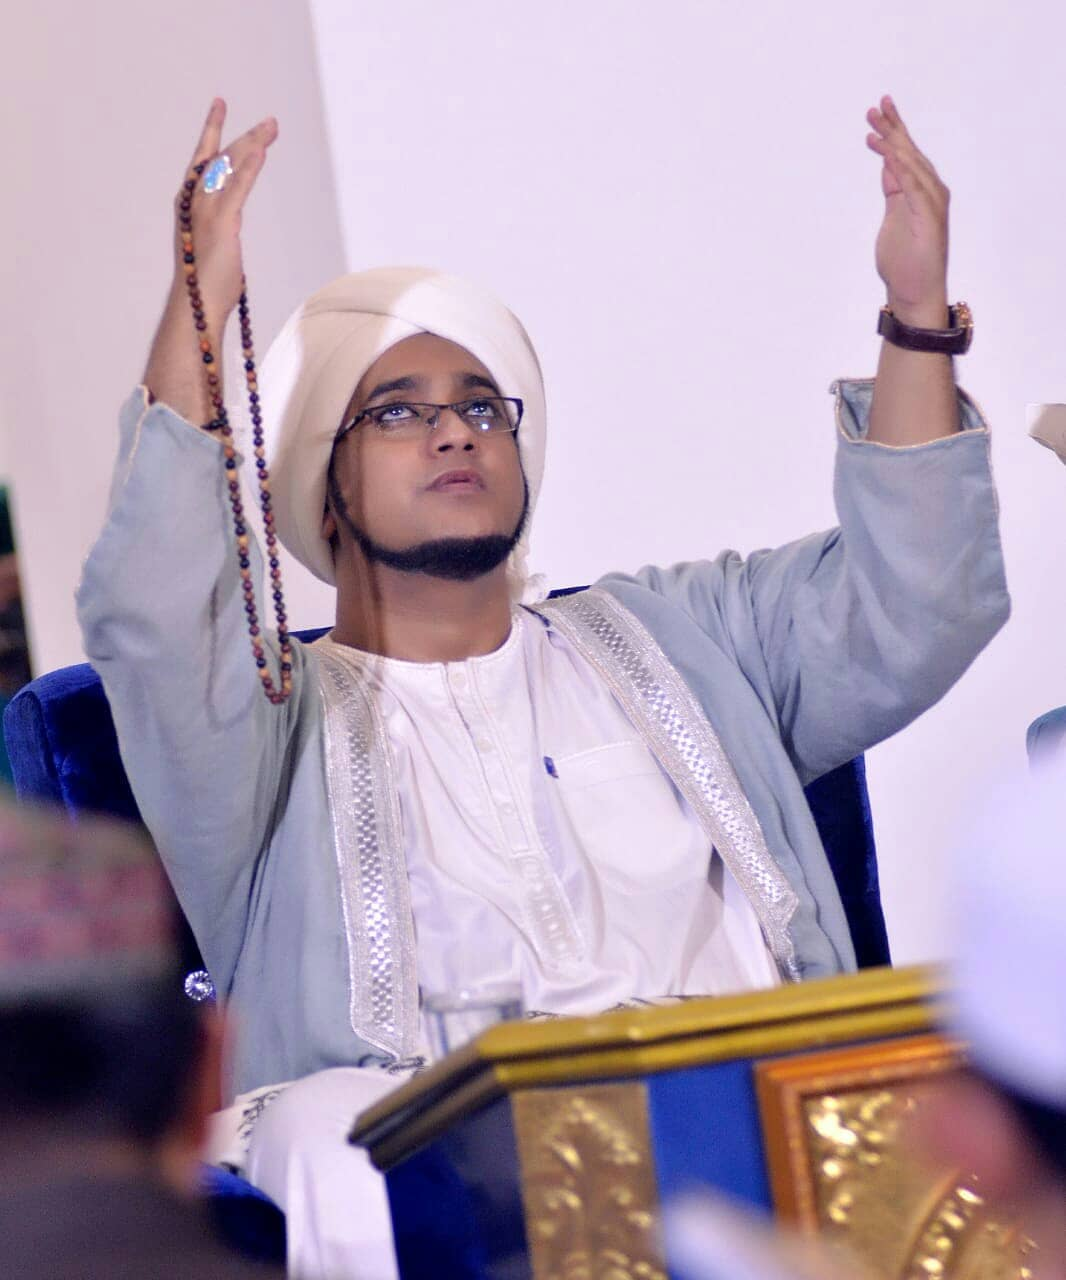 Download Wallpaper Habib Hasan 26032104